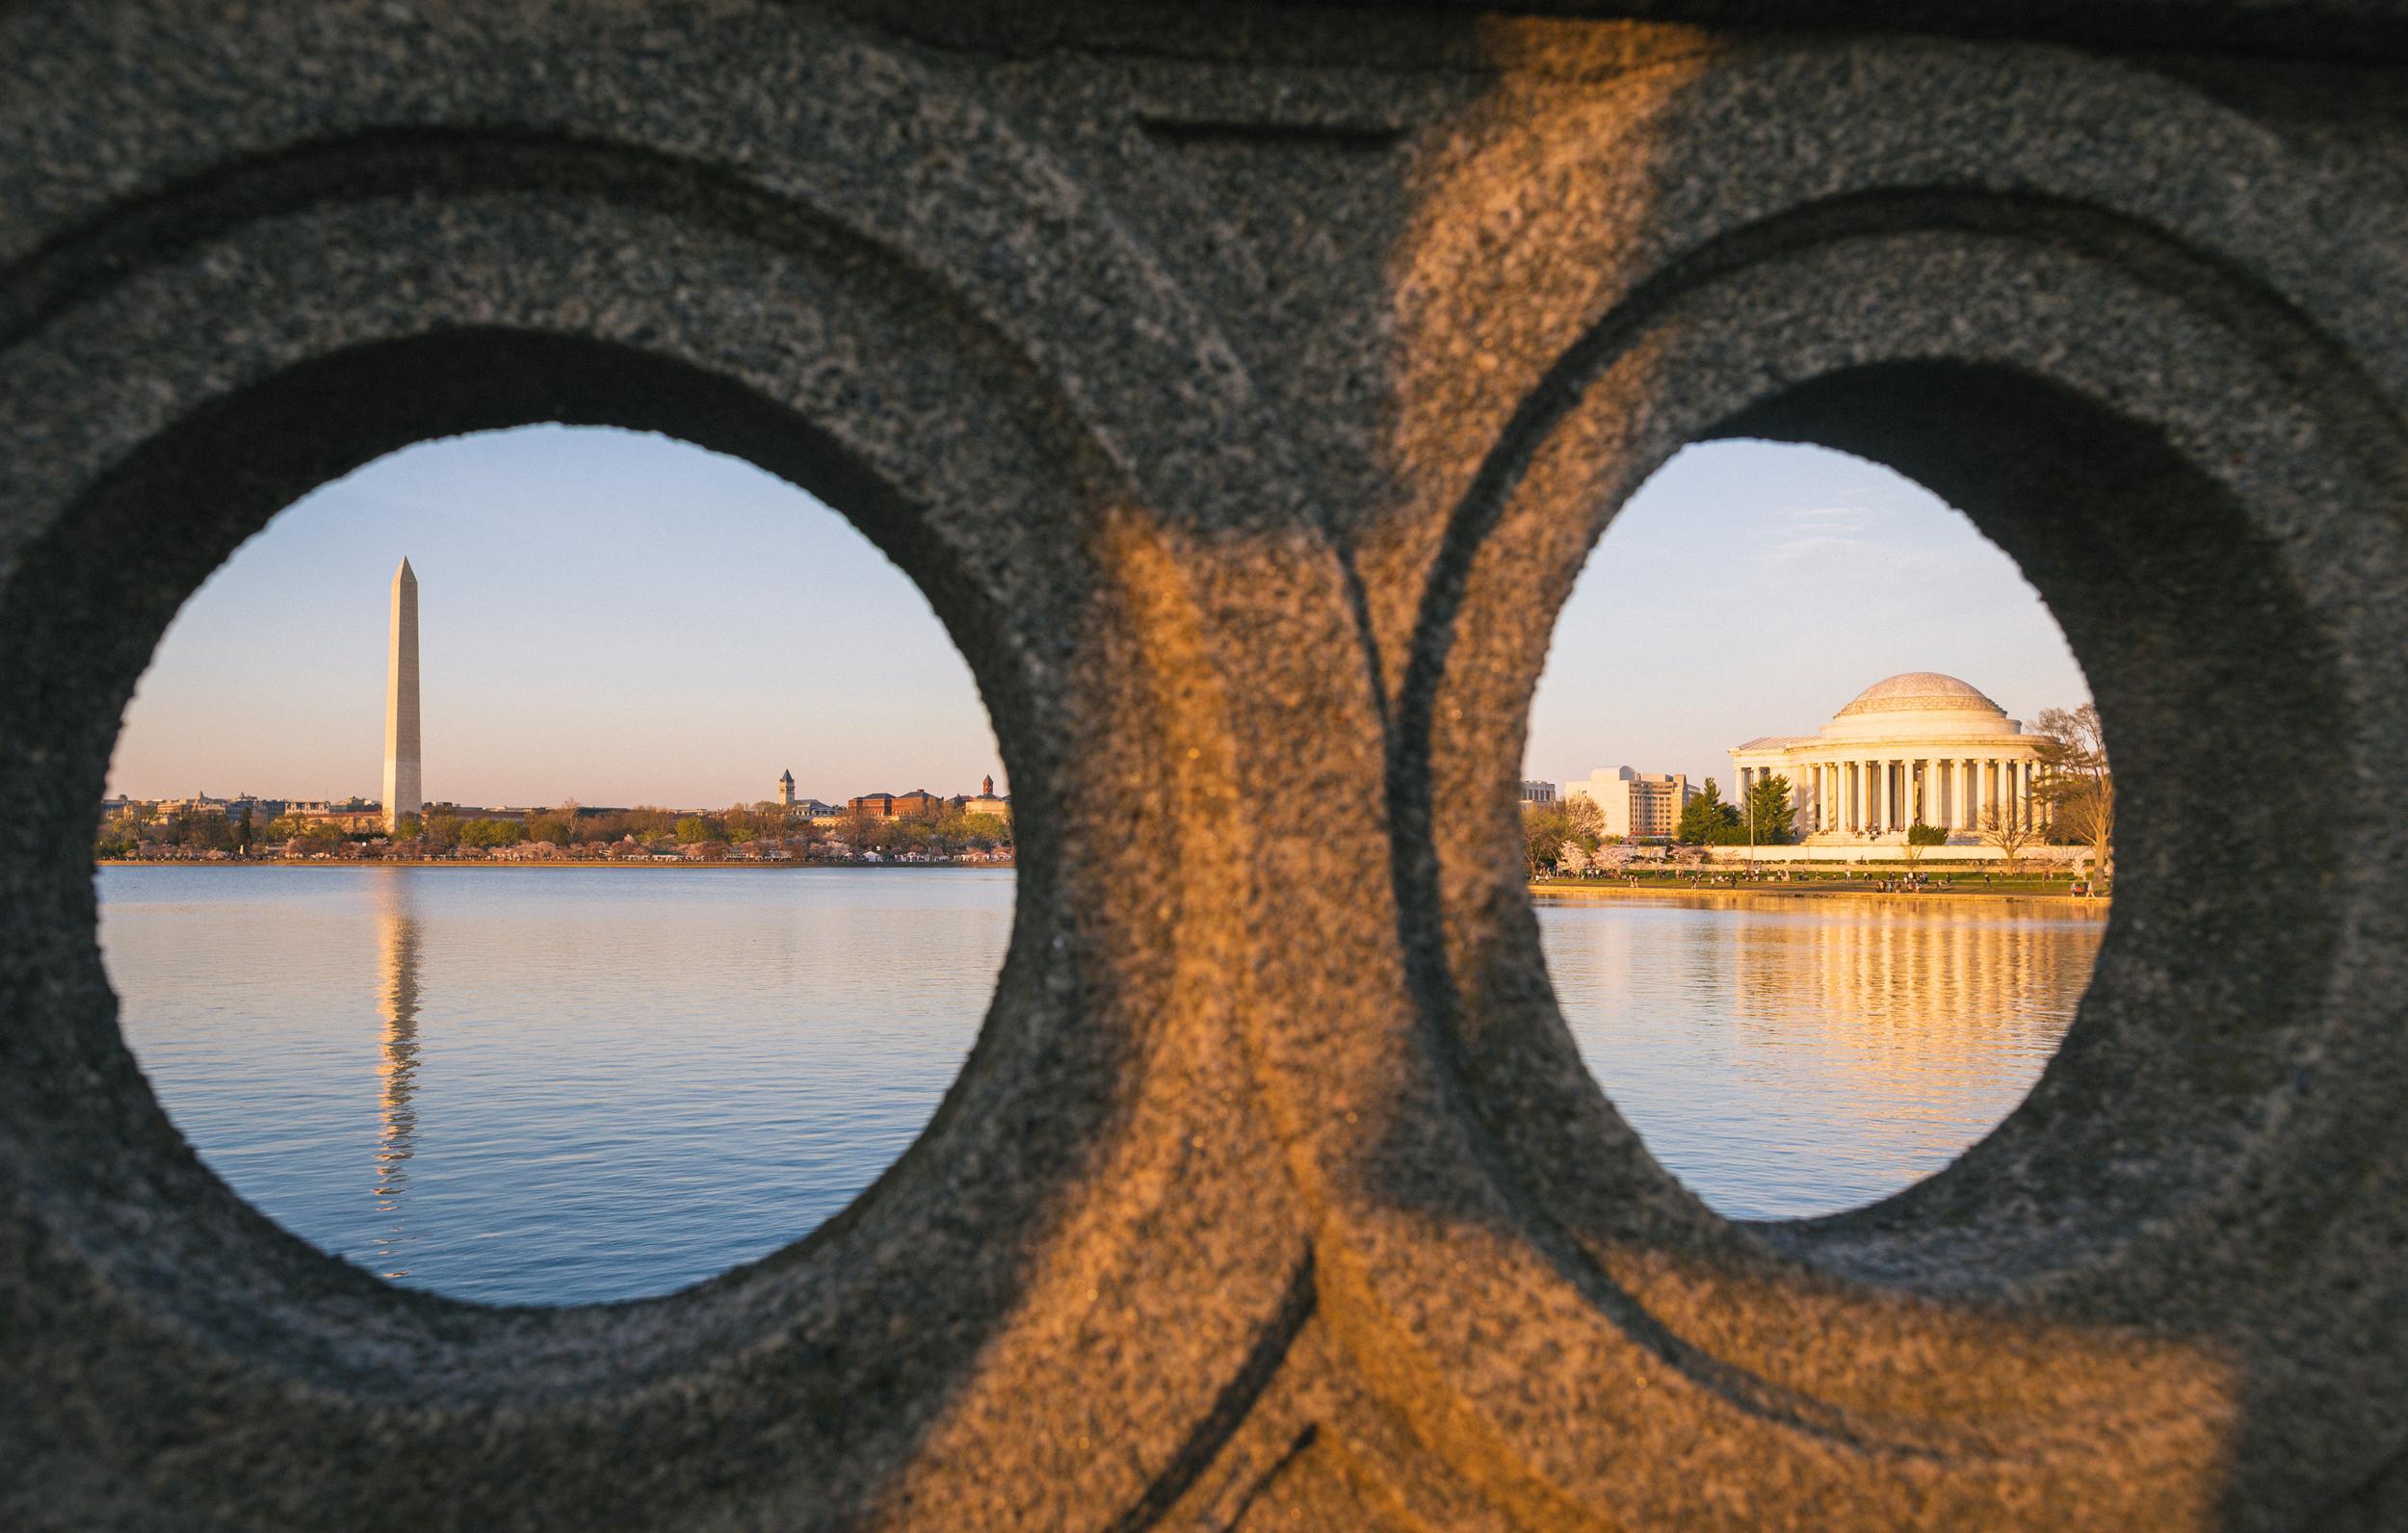 Dc Monuments Through Bridge